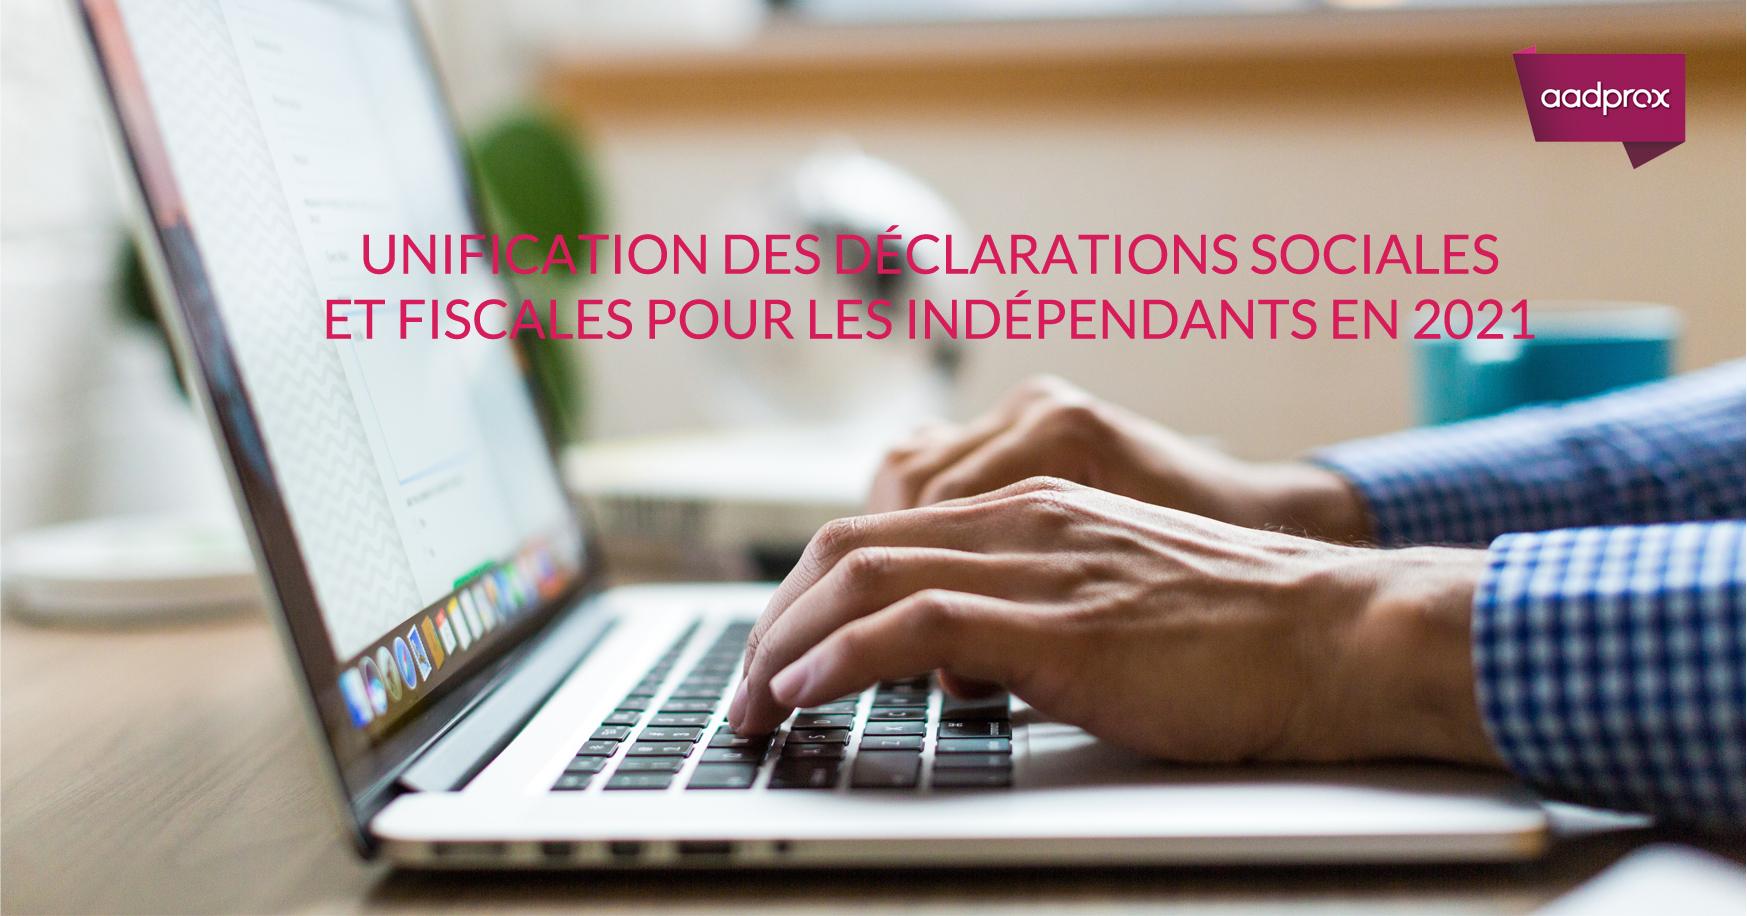 Unification des déclarations sociales et fiscales pour les Indépendants en 2021